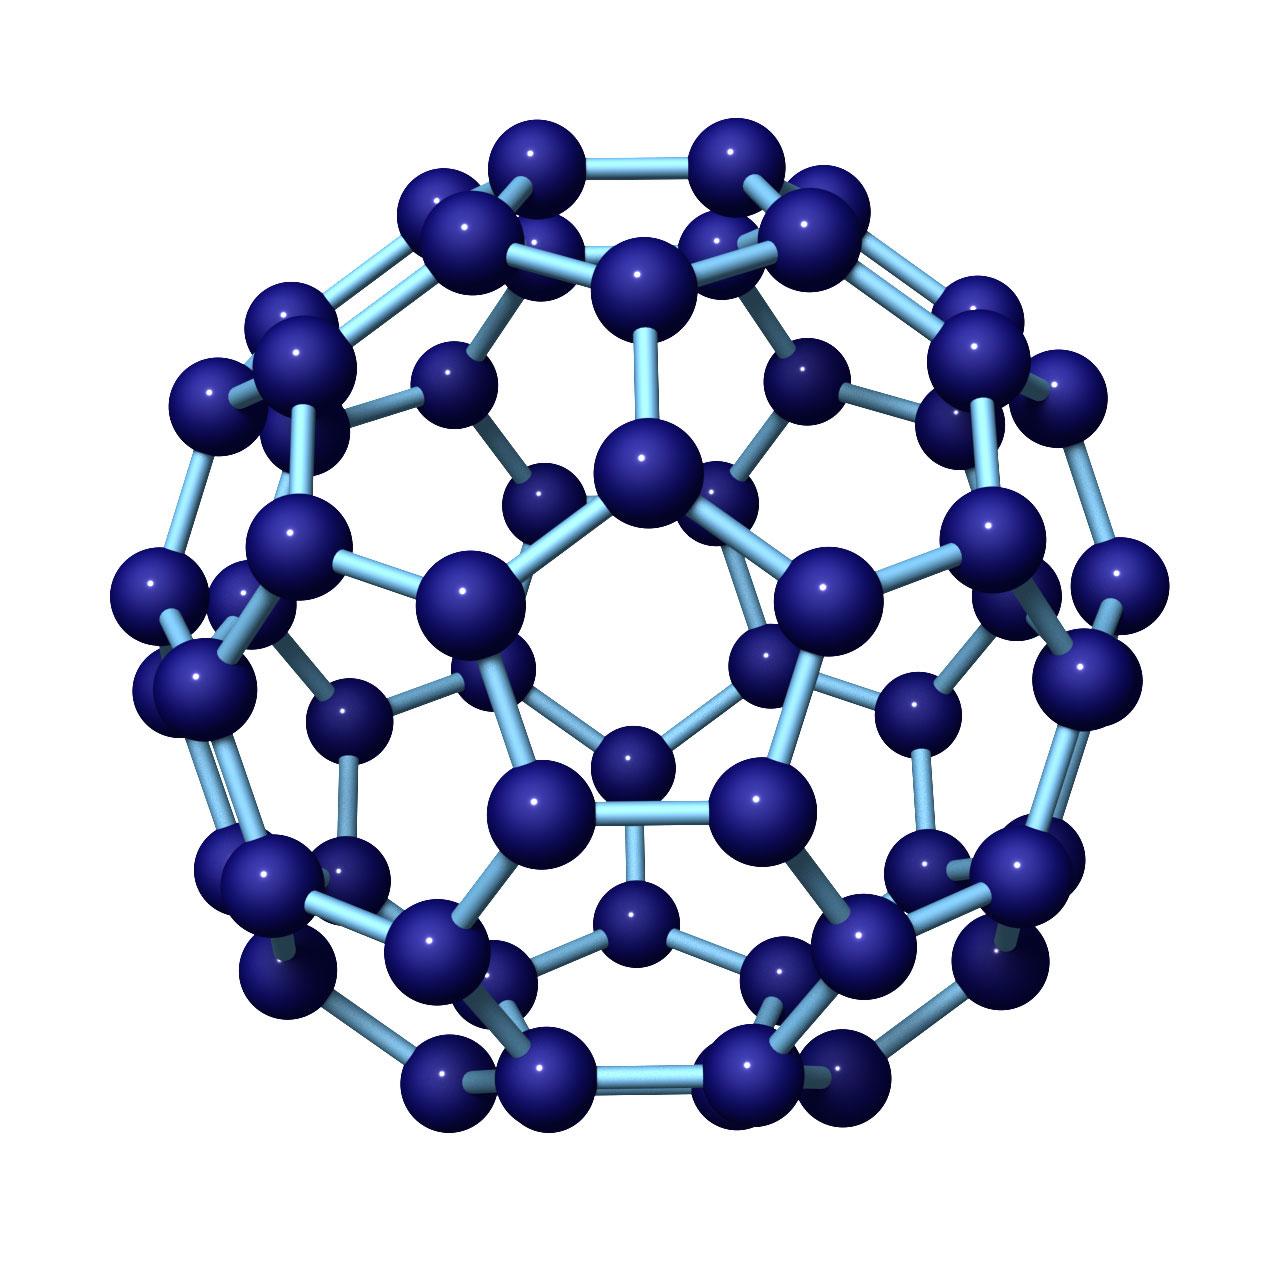 النانو علم ممتع سهل وبسيط